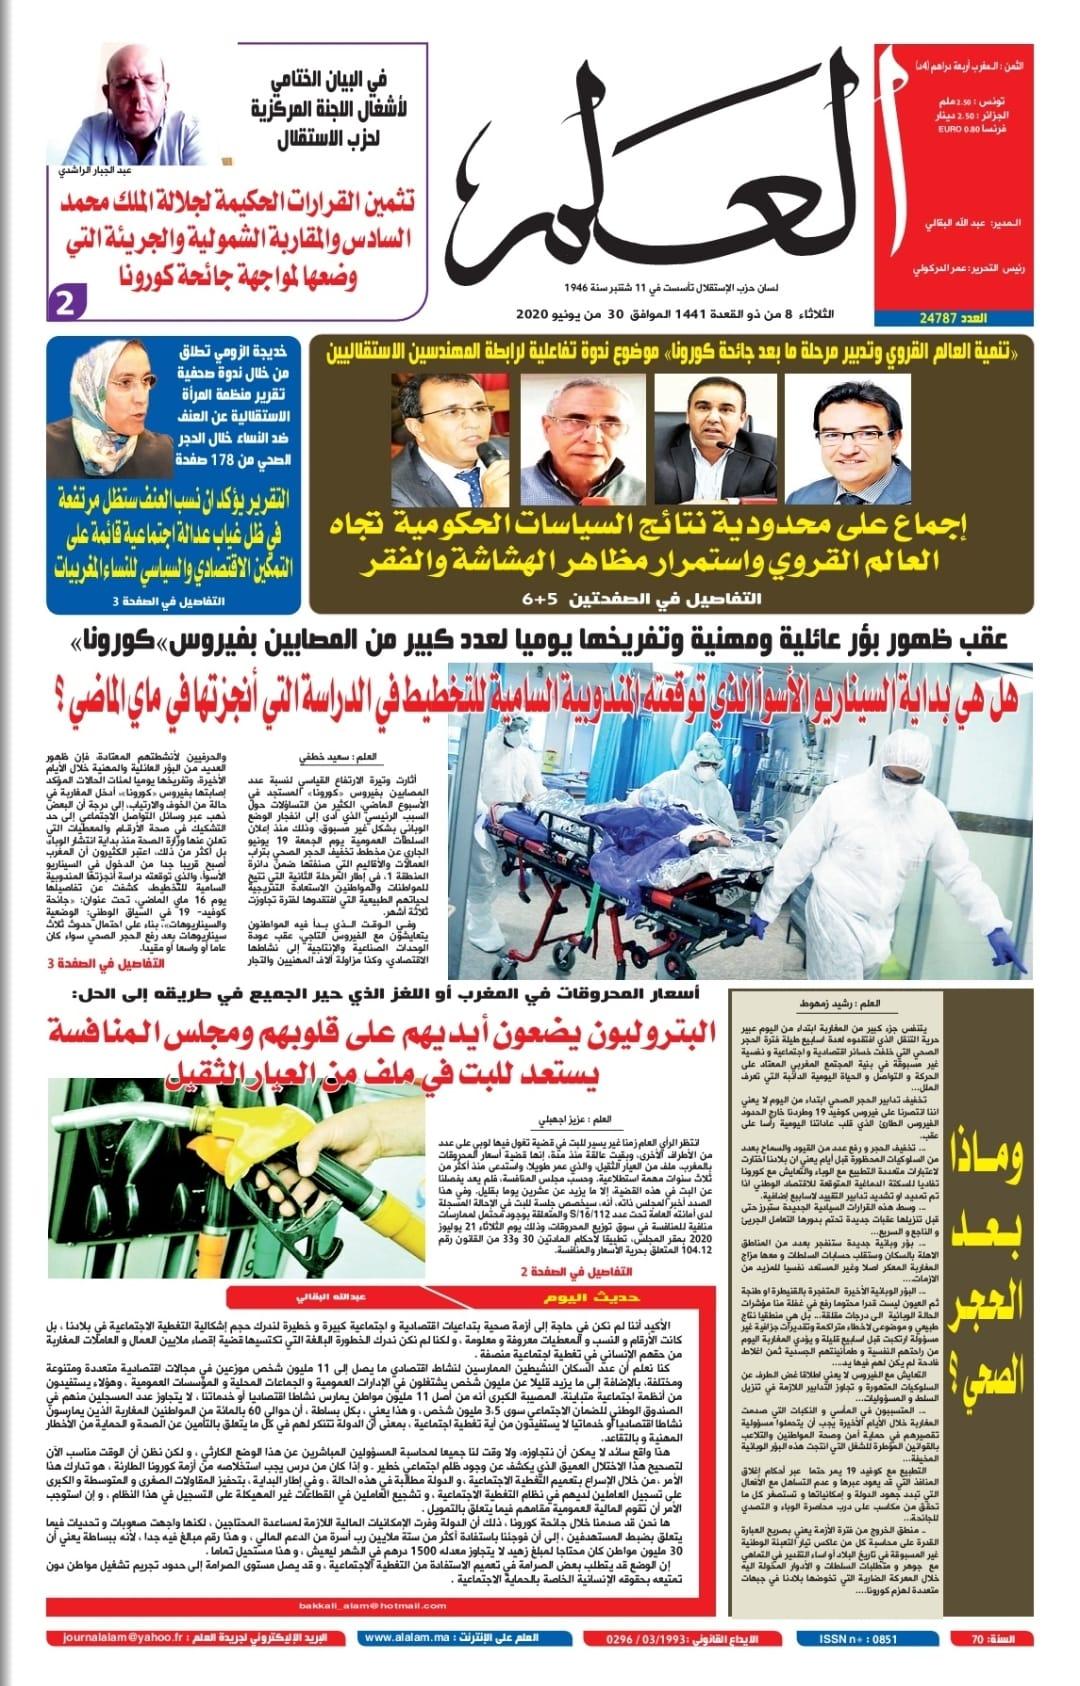 جريدة العلم عدد يوم الثلاثاء 30 يونيو 2020 بين أيديكم